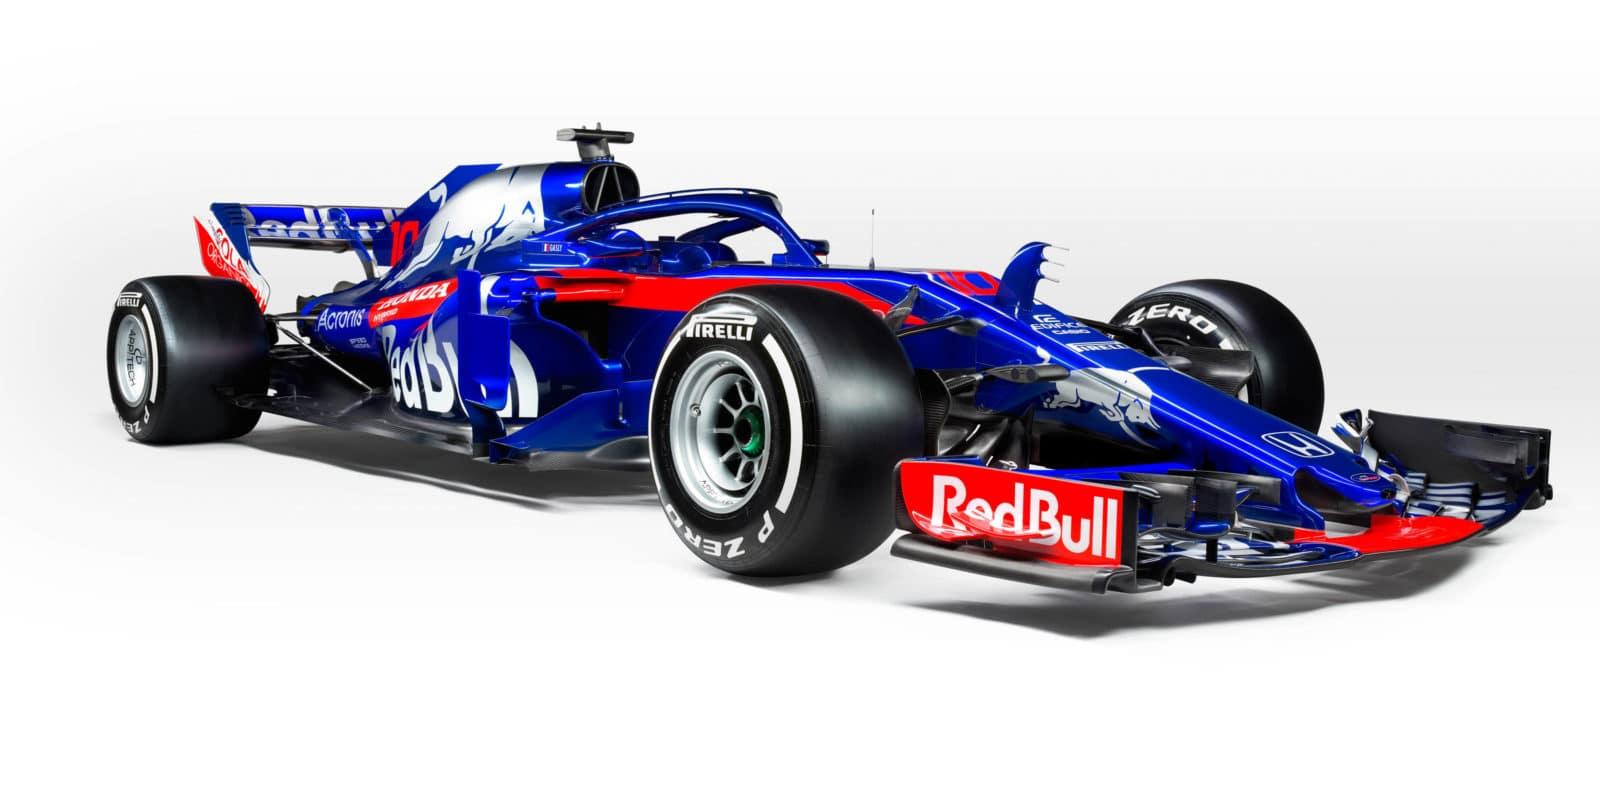 Toro Rosso jde snovým vozem do čela kalendáře prezentací